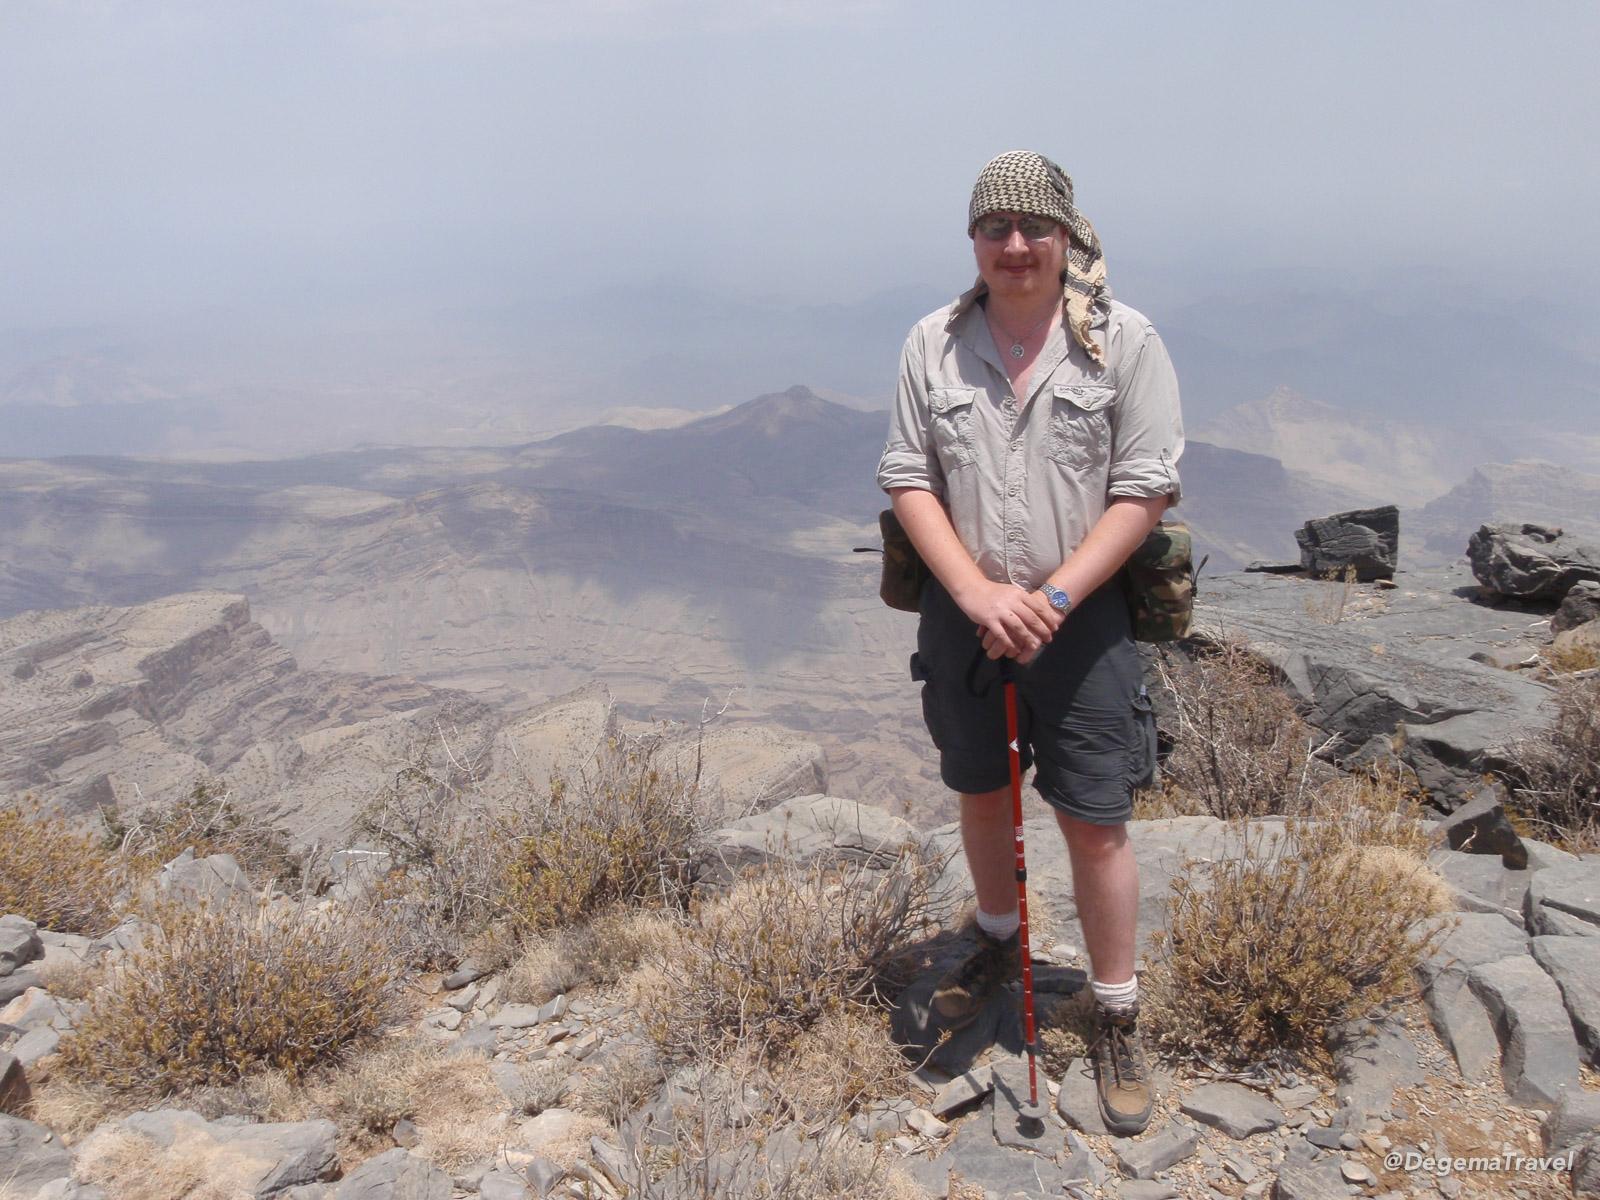 Me atop Jabal Sarayah, Oman